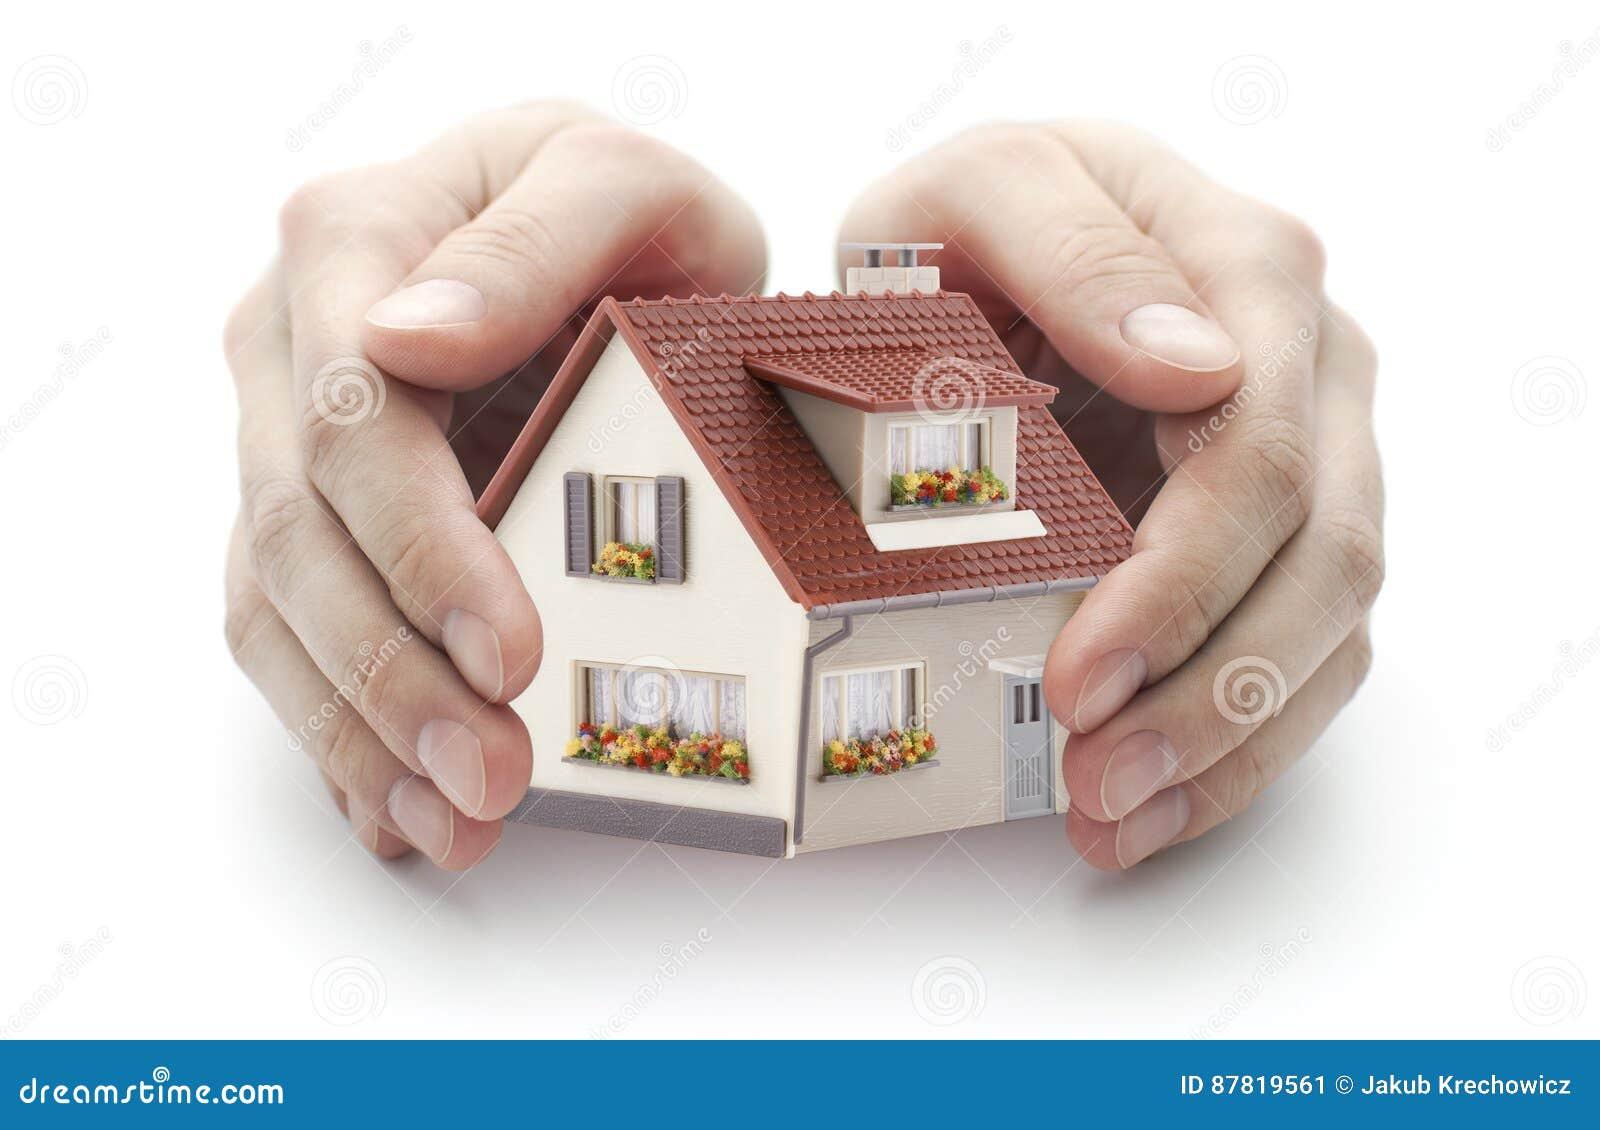 Chronić twój dom